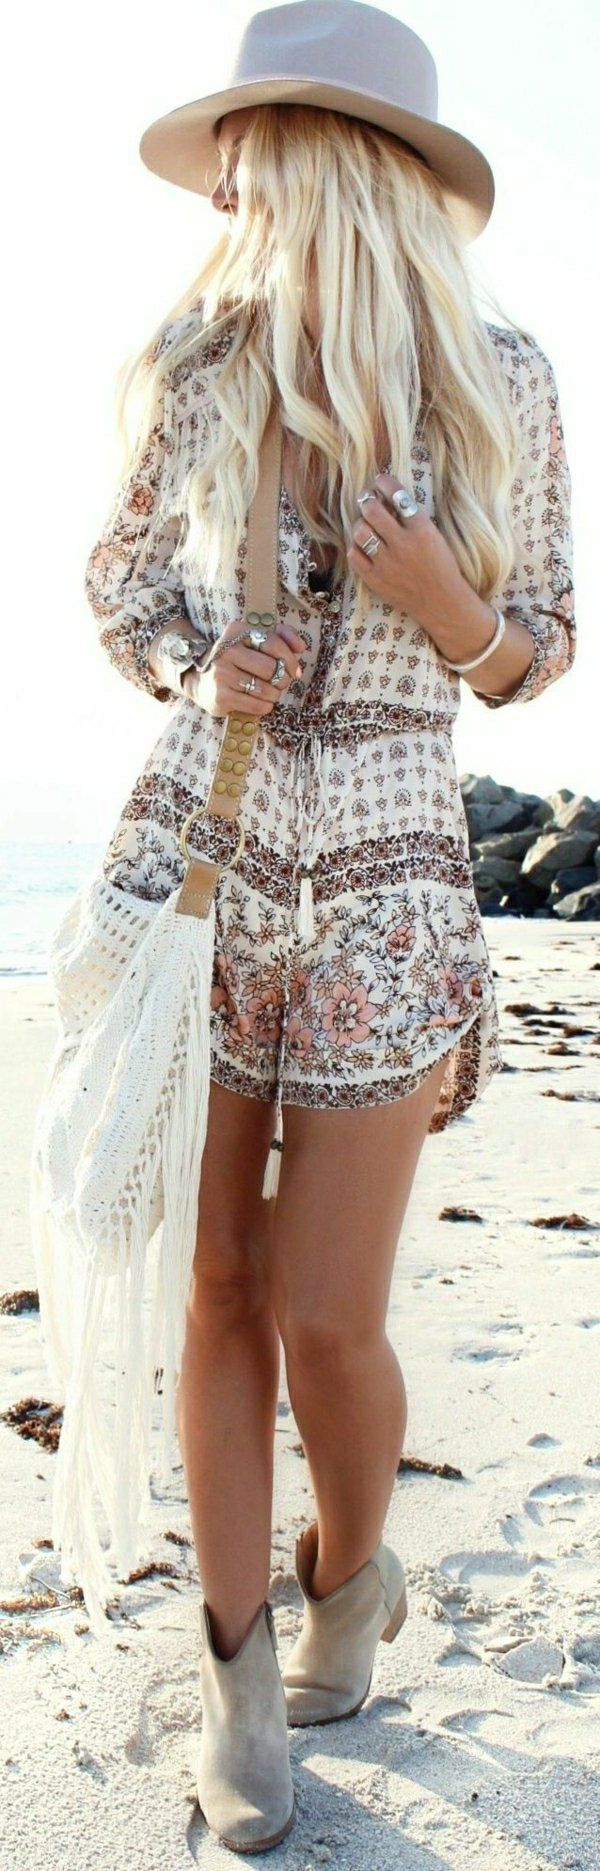 une tenue moderne,coloré pour l'été bien combine avec une sac de plage